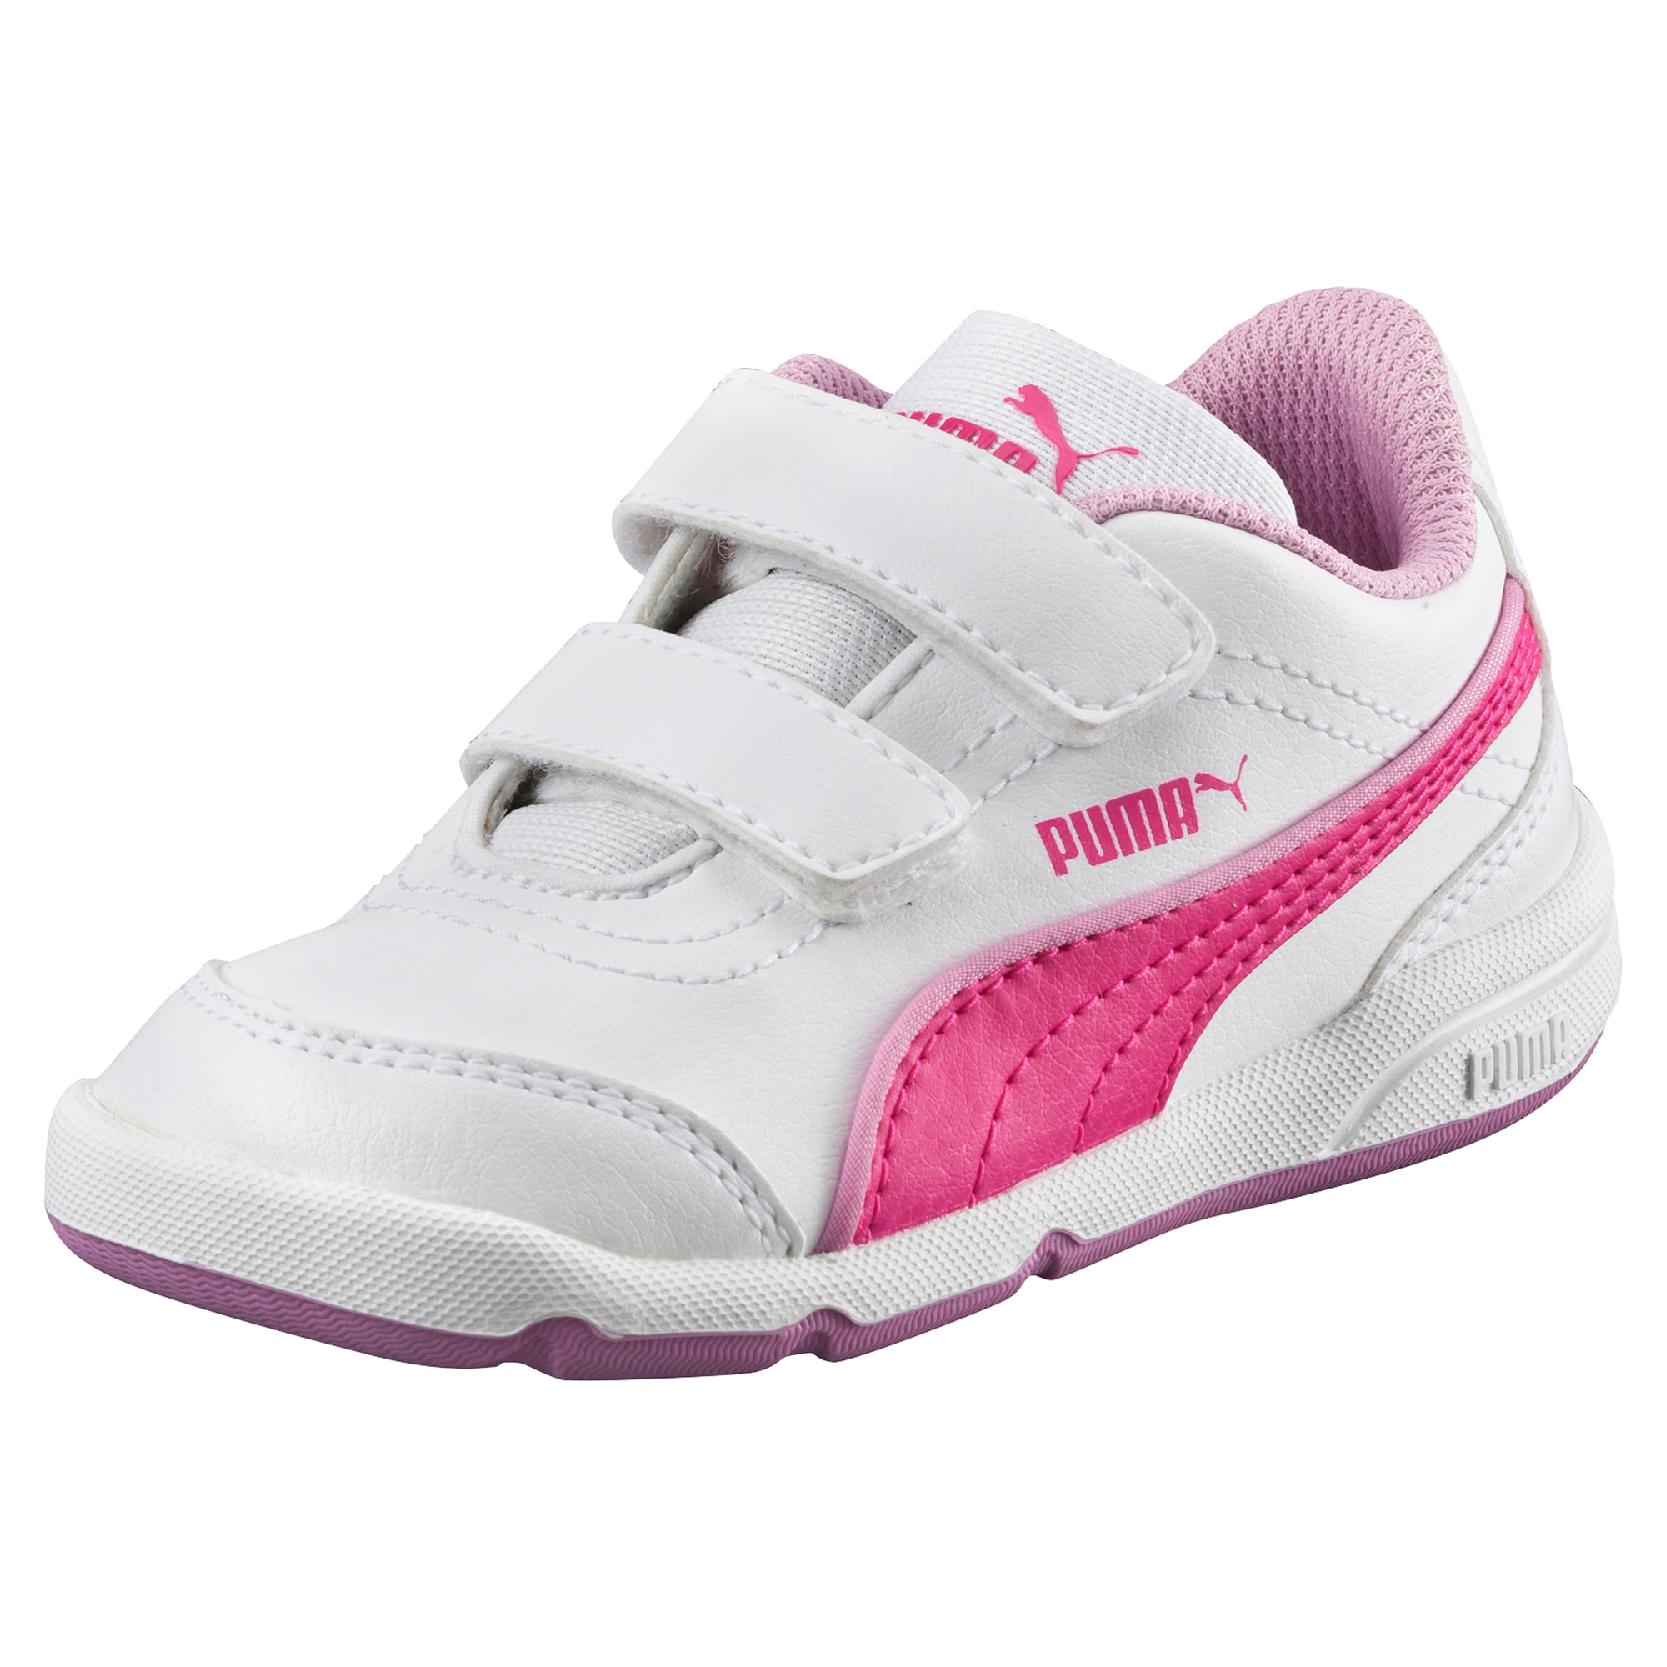 Puma Dievčenské tenisky Stepfleex FS SL V Inf White-Pink Gl ce26e5614b0